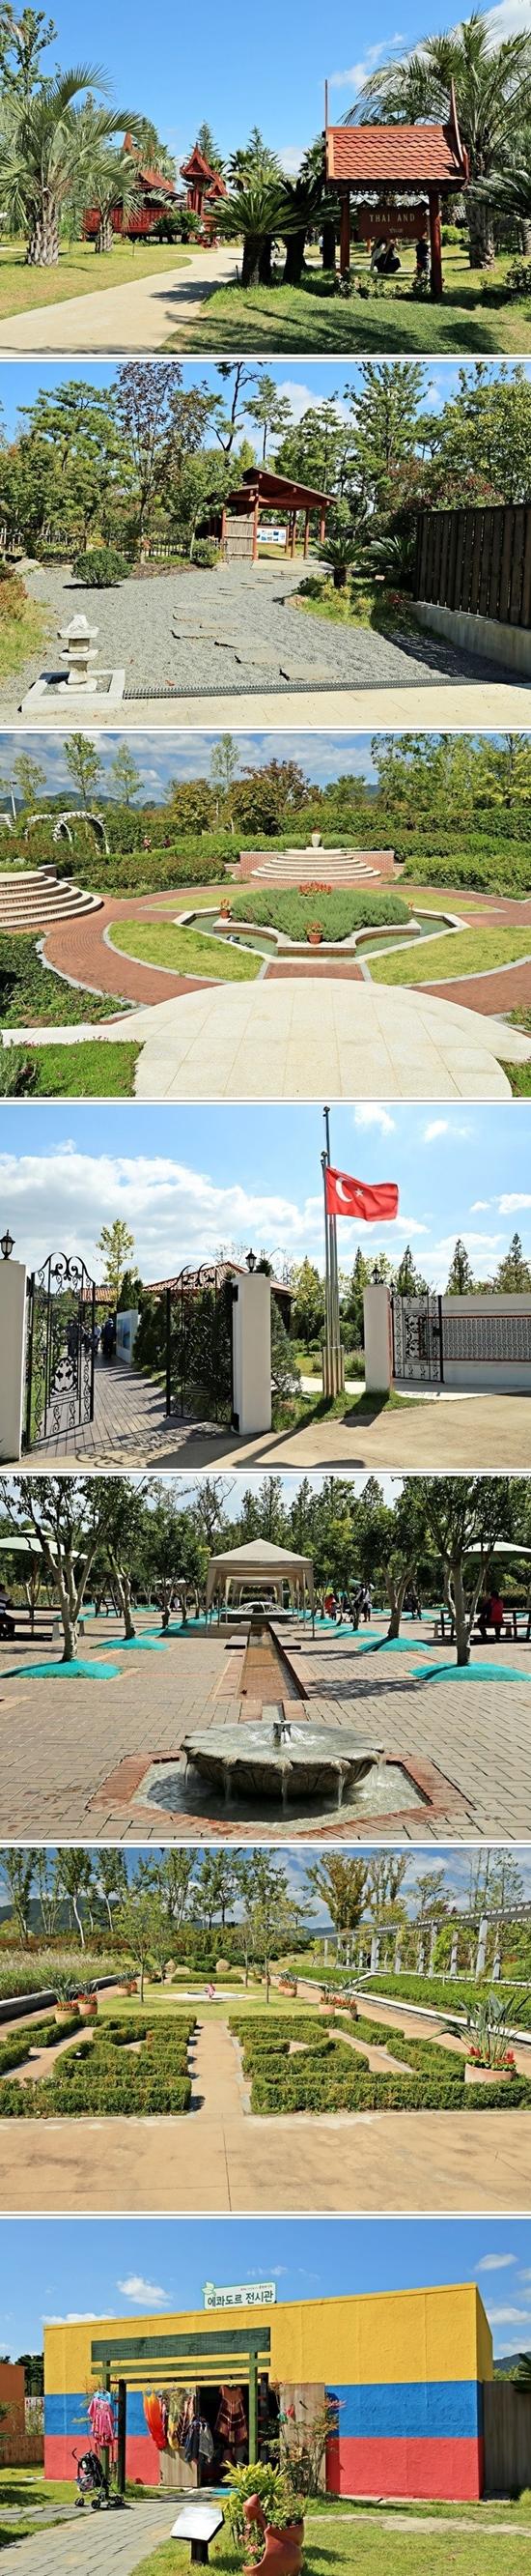 위에서부터 태국, 일본, 영국, 터키, 스페인, 이탈리아 정원과 에콰도르전시관